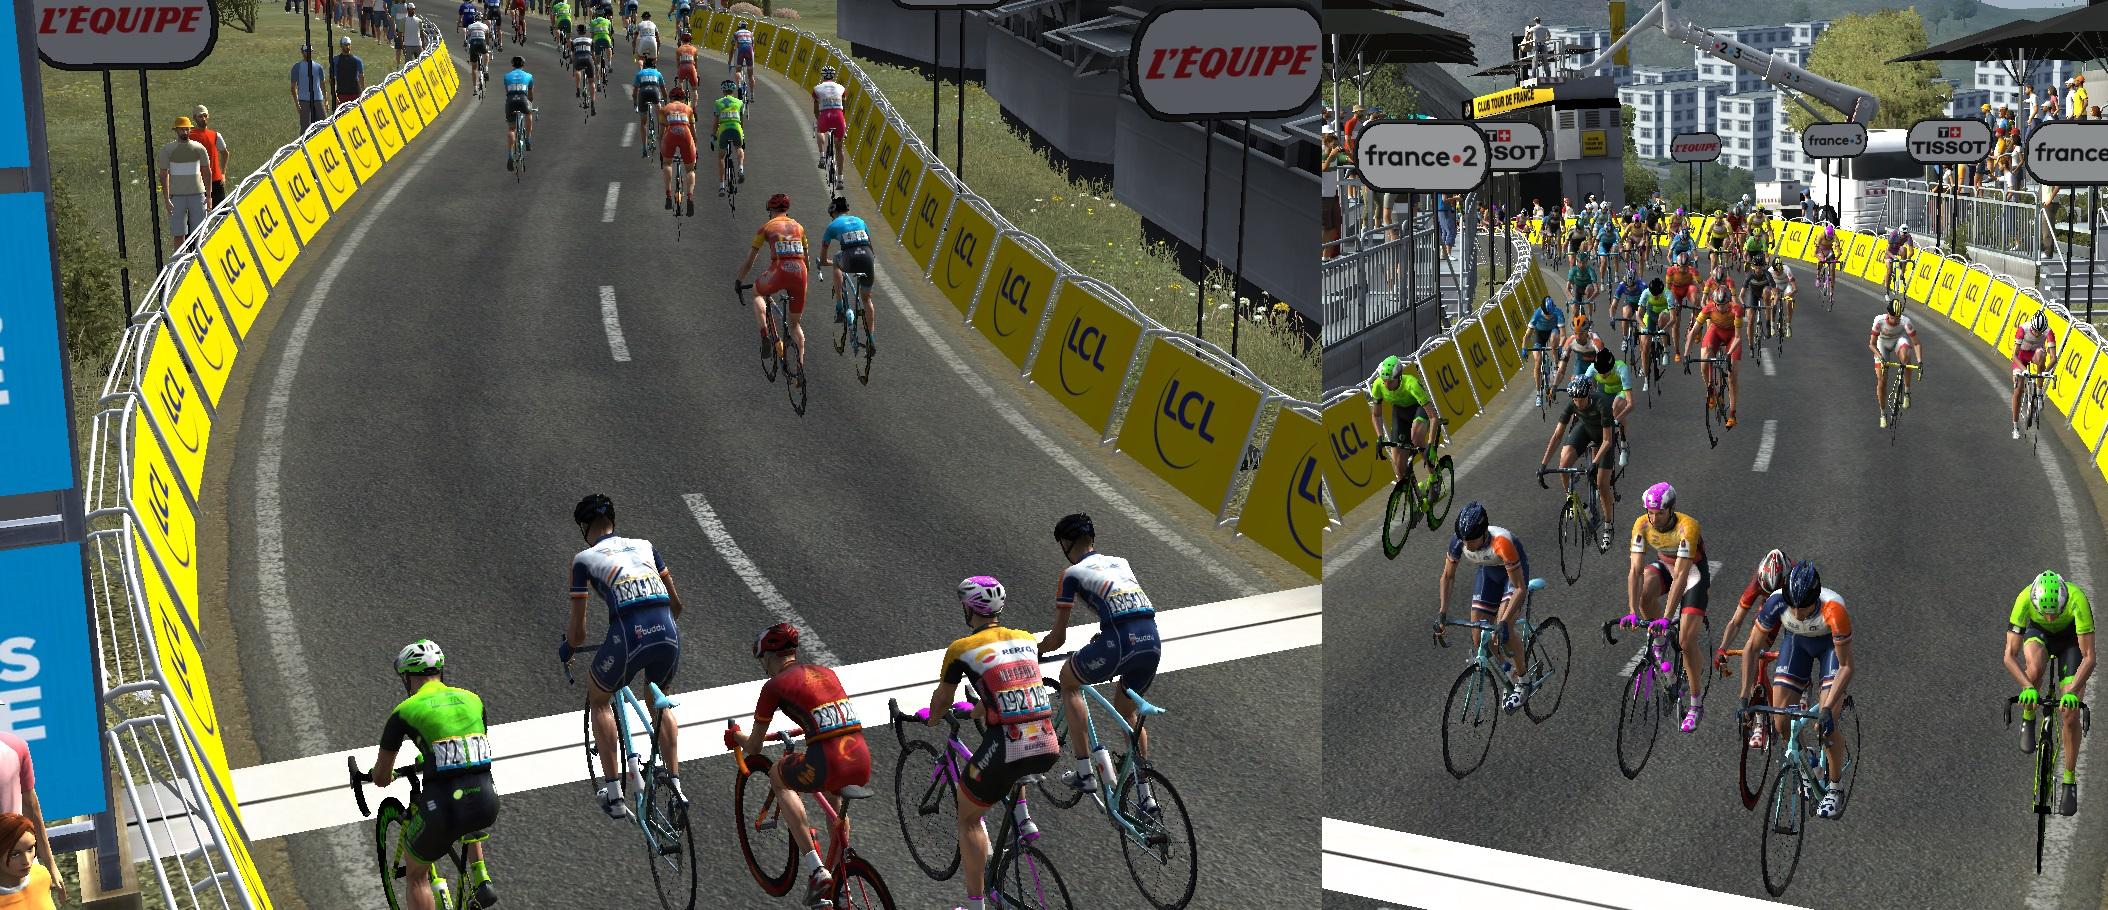 pcmdaily.com/images/mg/2019/Races/PT/PN/pn5-25.jpg